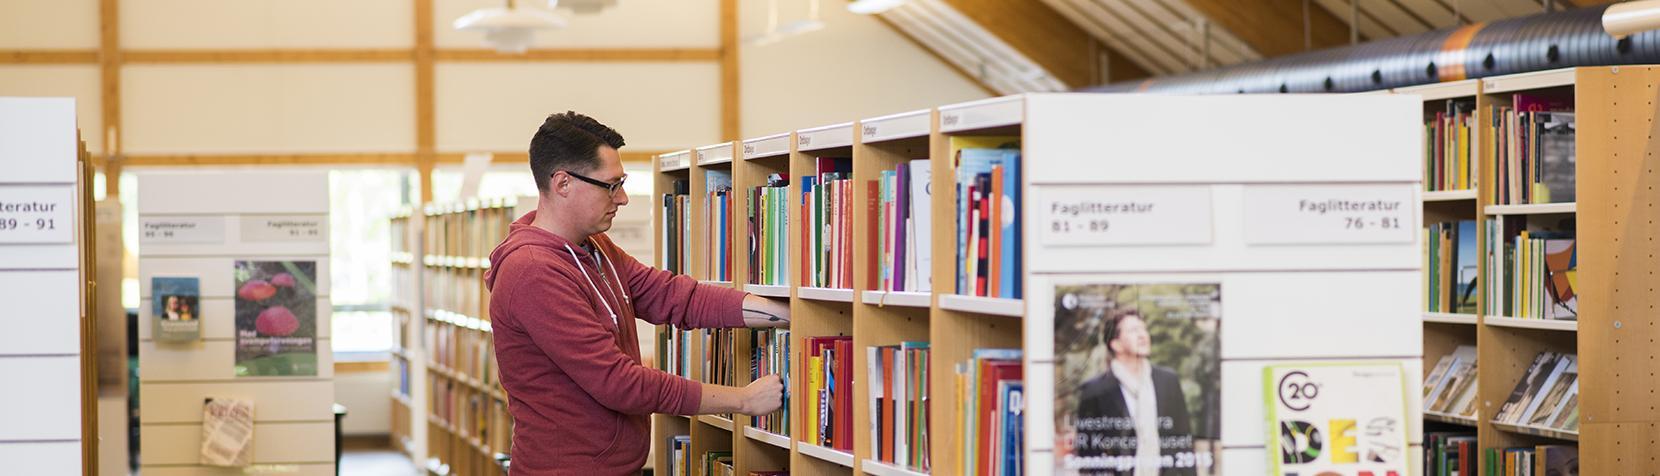 Mand leder efter bøger på bibliotek